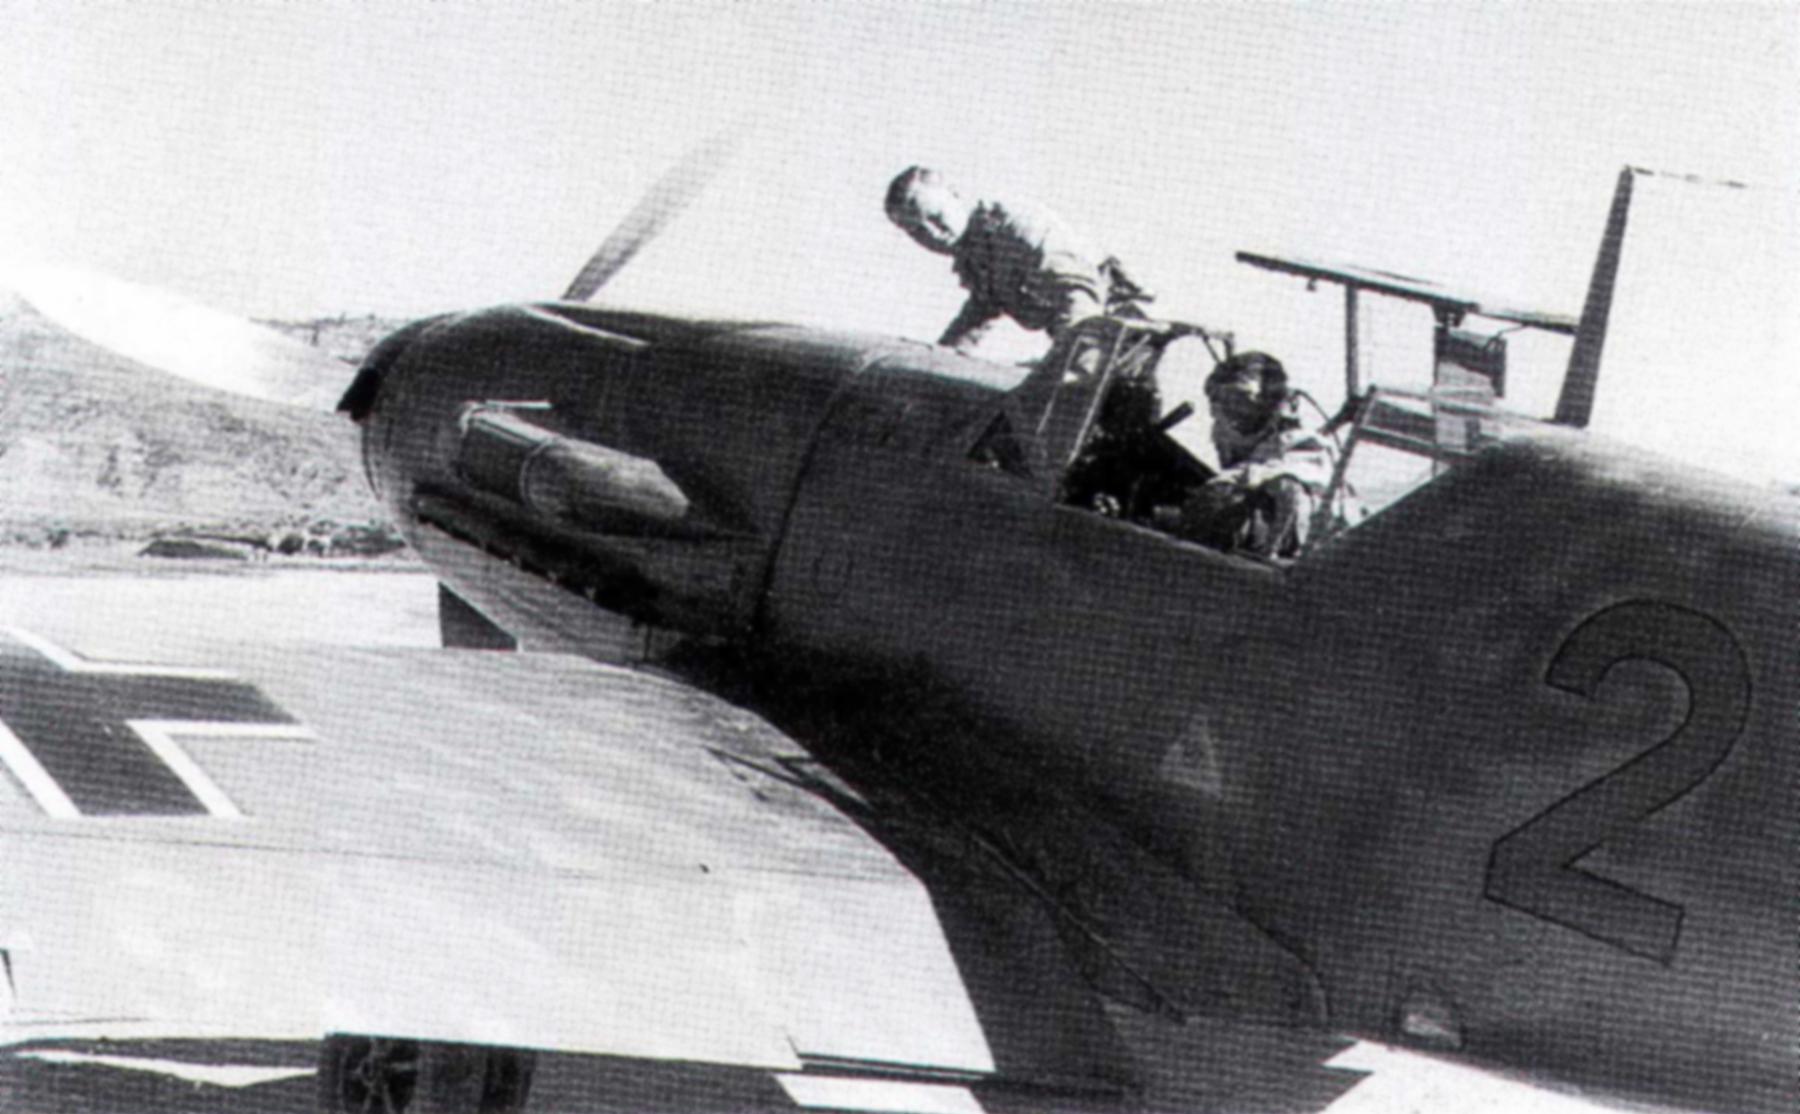 Messerschmitt Bf 109F4Trop 8.JG27 Red 2 Gadurra AF Rhodes Greece Feb 1943 01